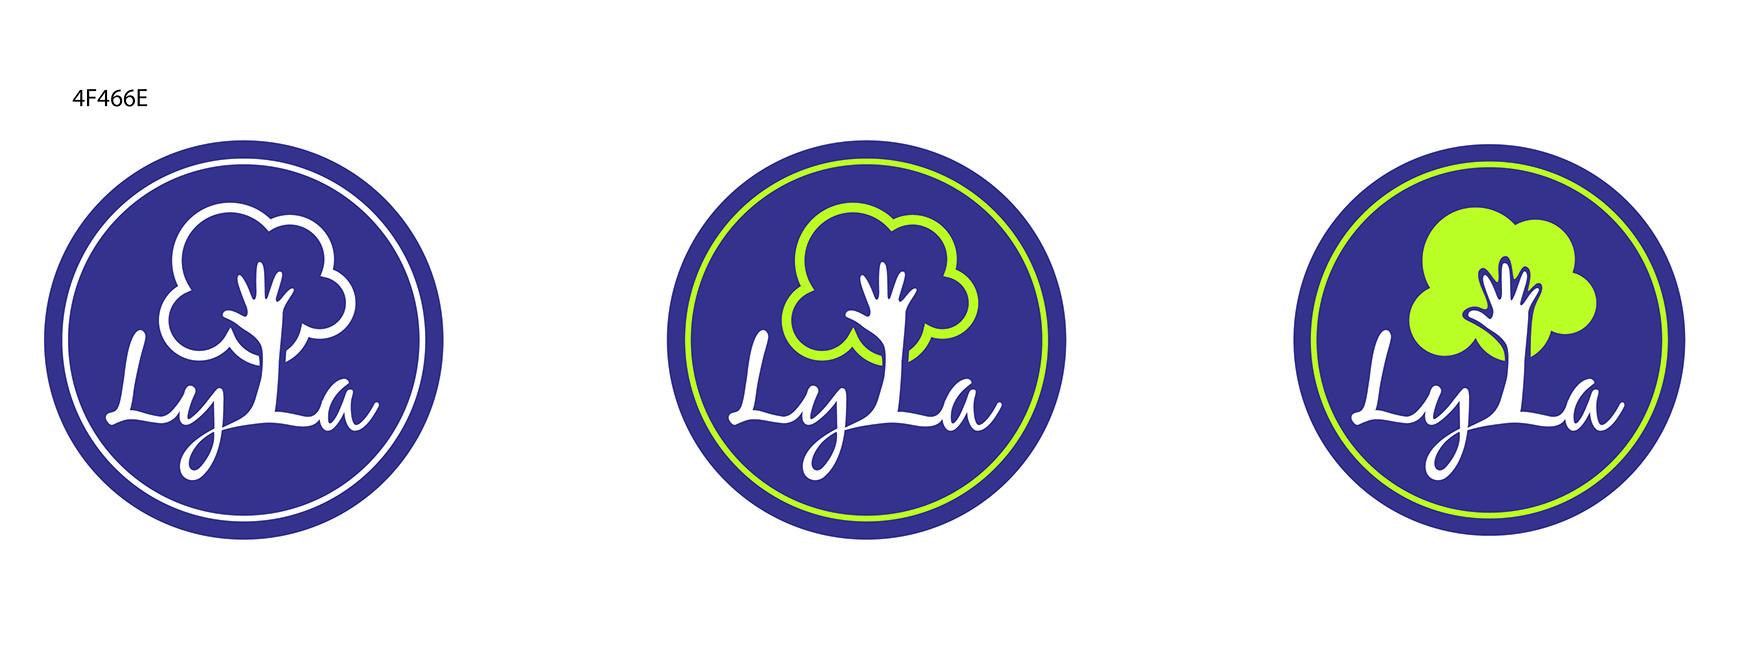 Lyla logo